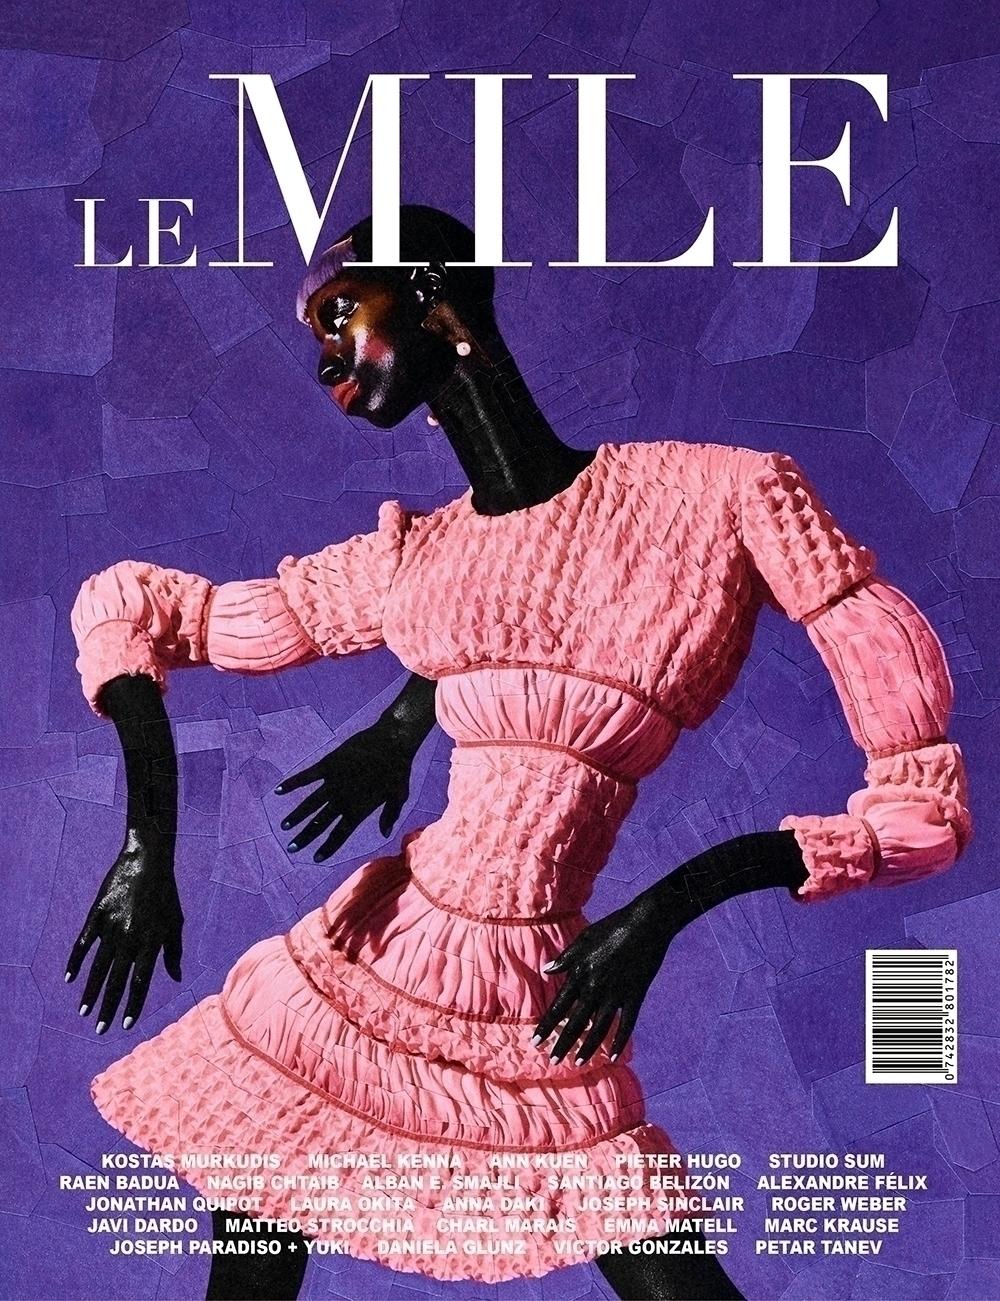 LUNNA For Le Mile Magazine 21 P - loladupre | ello